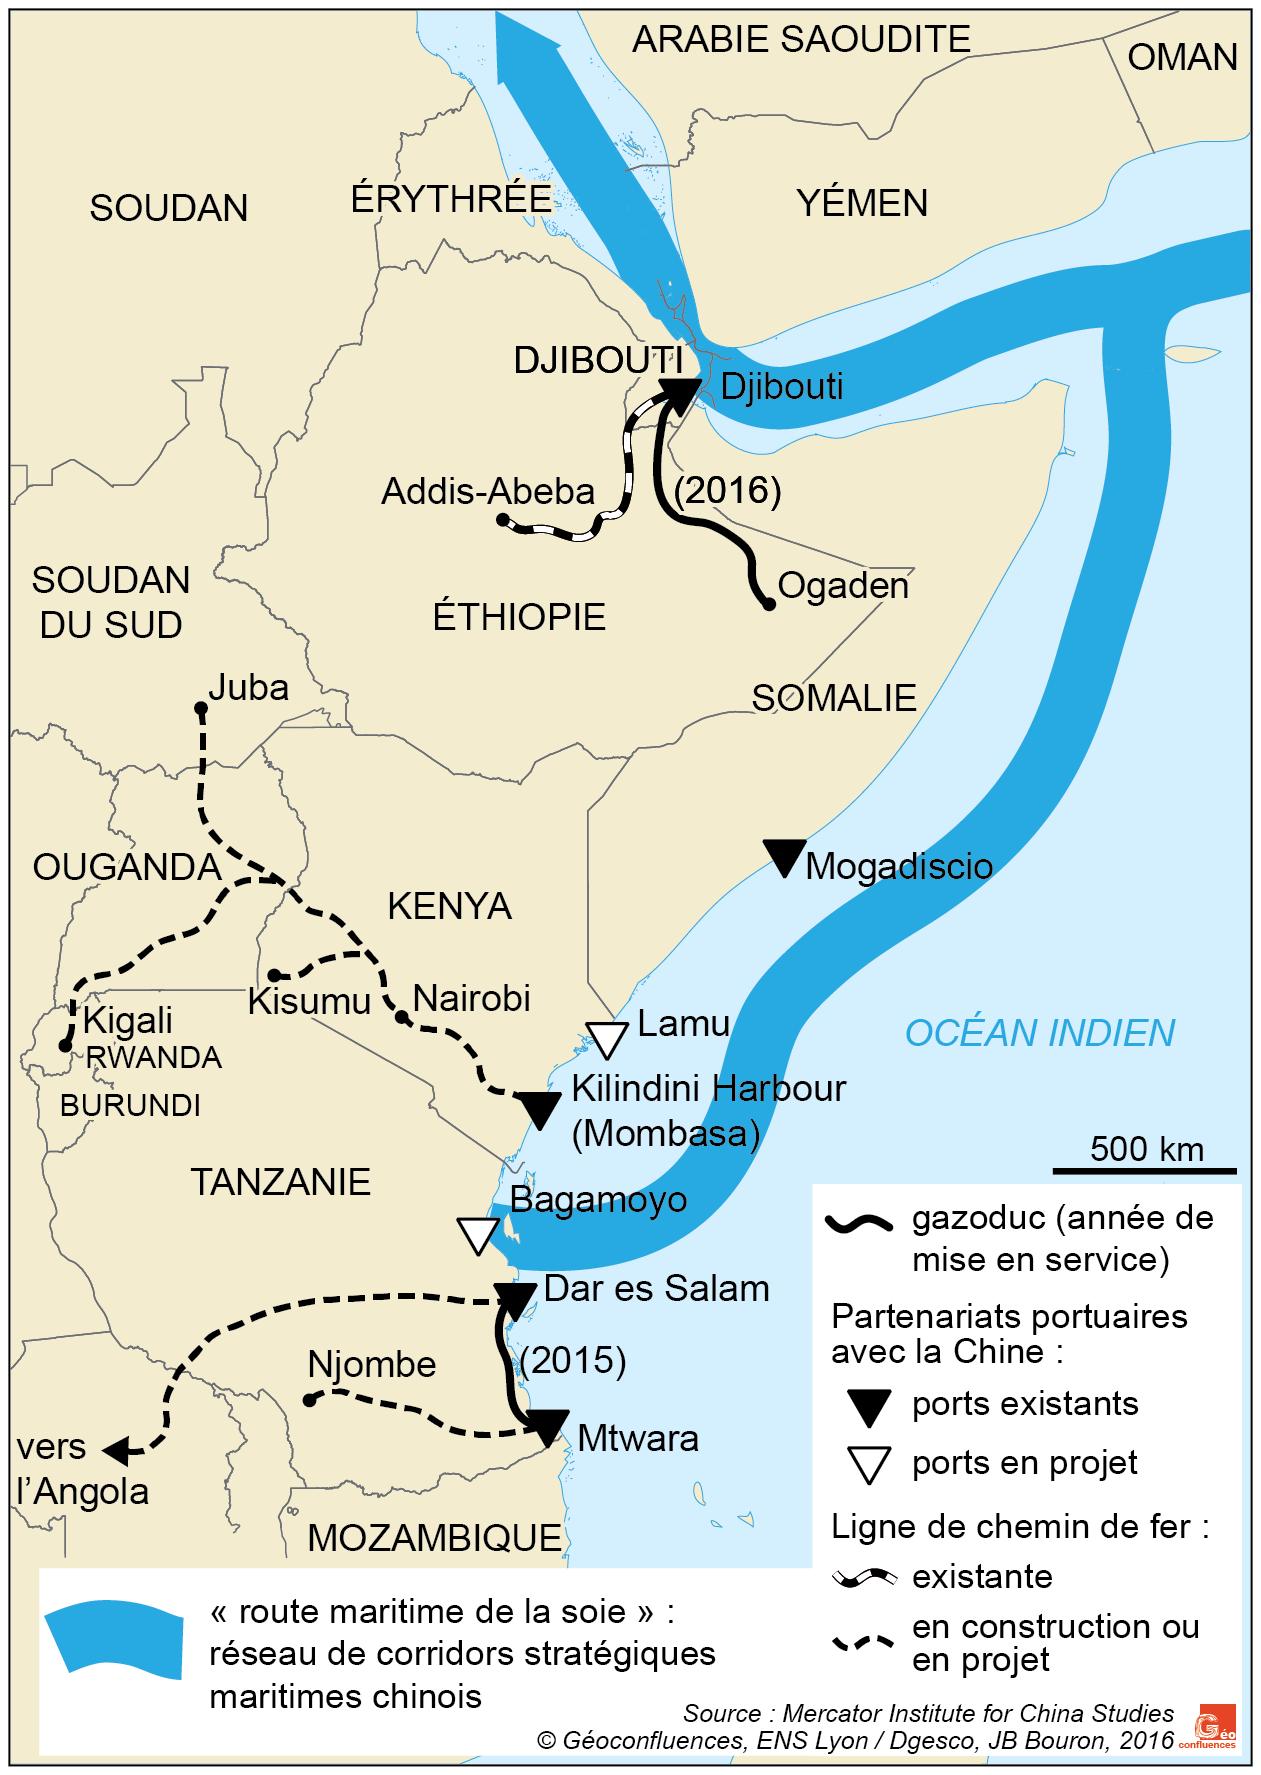 Carte de l'Afrique orientale ports et voie maritime de la Soie